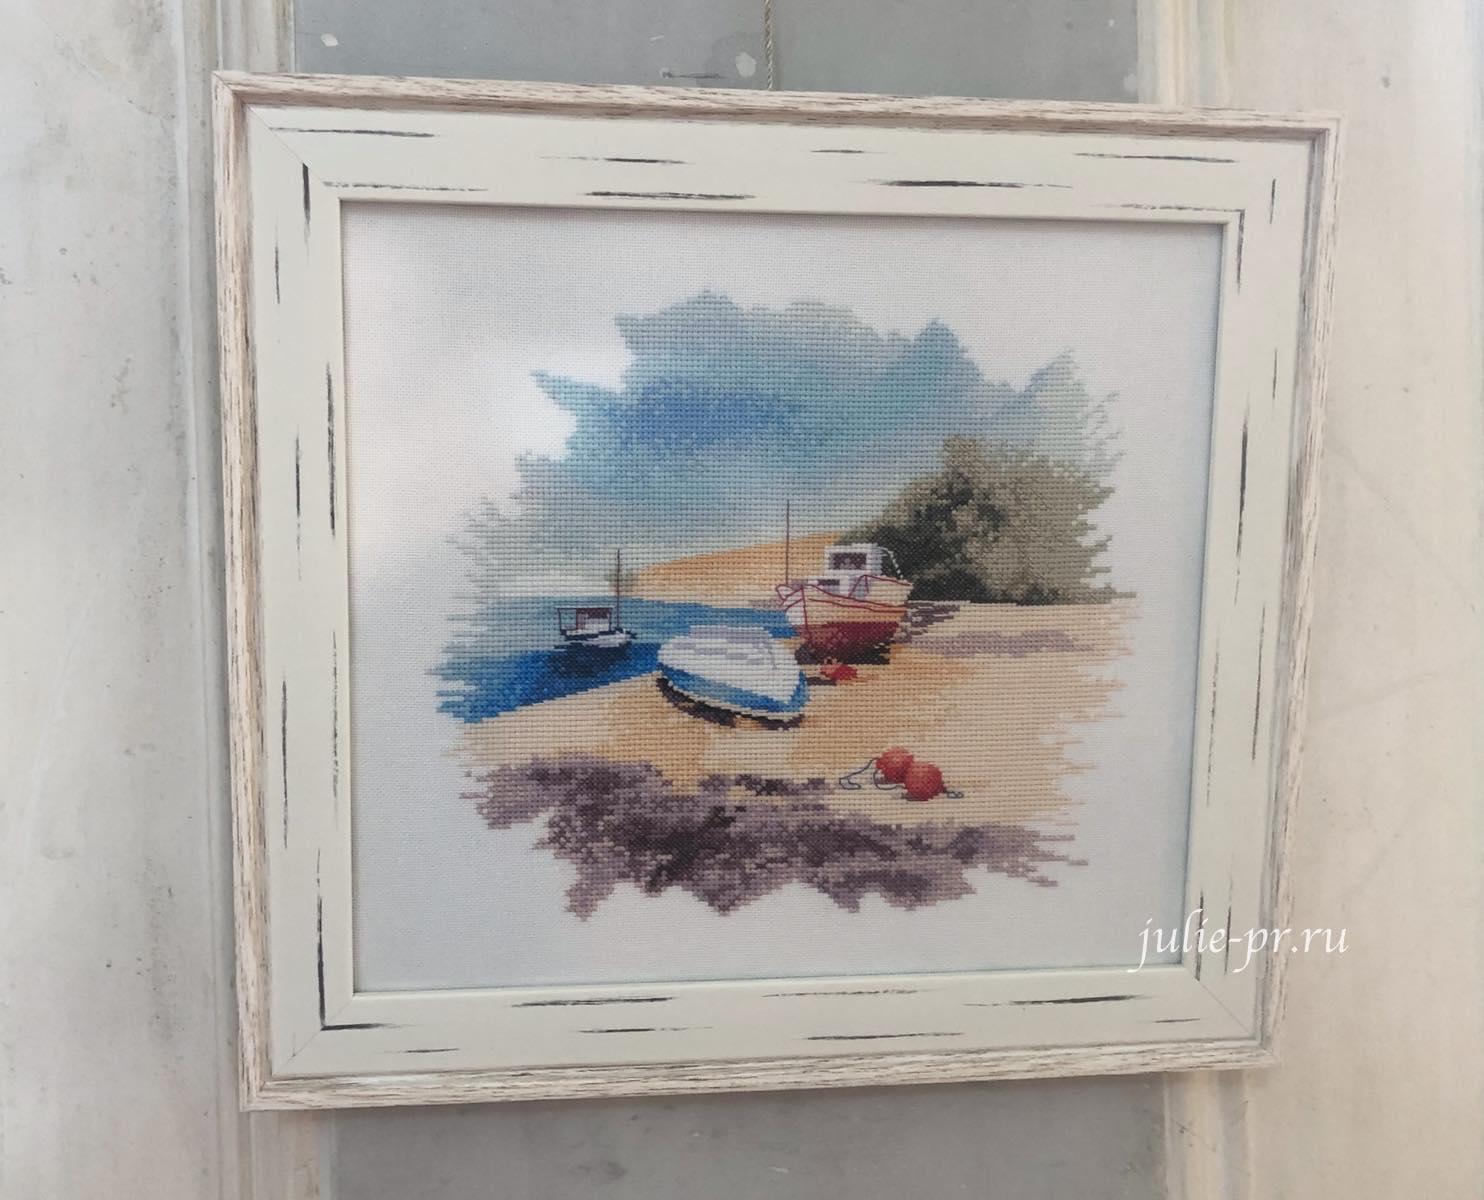 Fishing boats, рыбацкие лодки, вышивка крестом, Heritage, John Clayton, выставка Грани Джона Клейтона